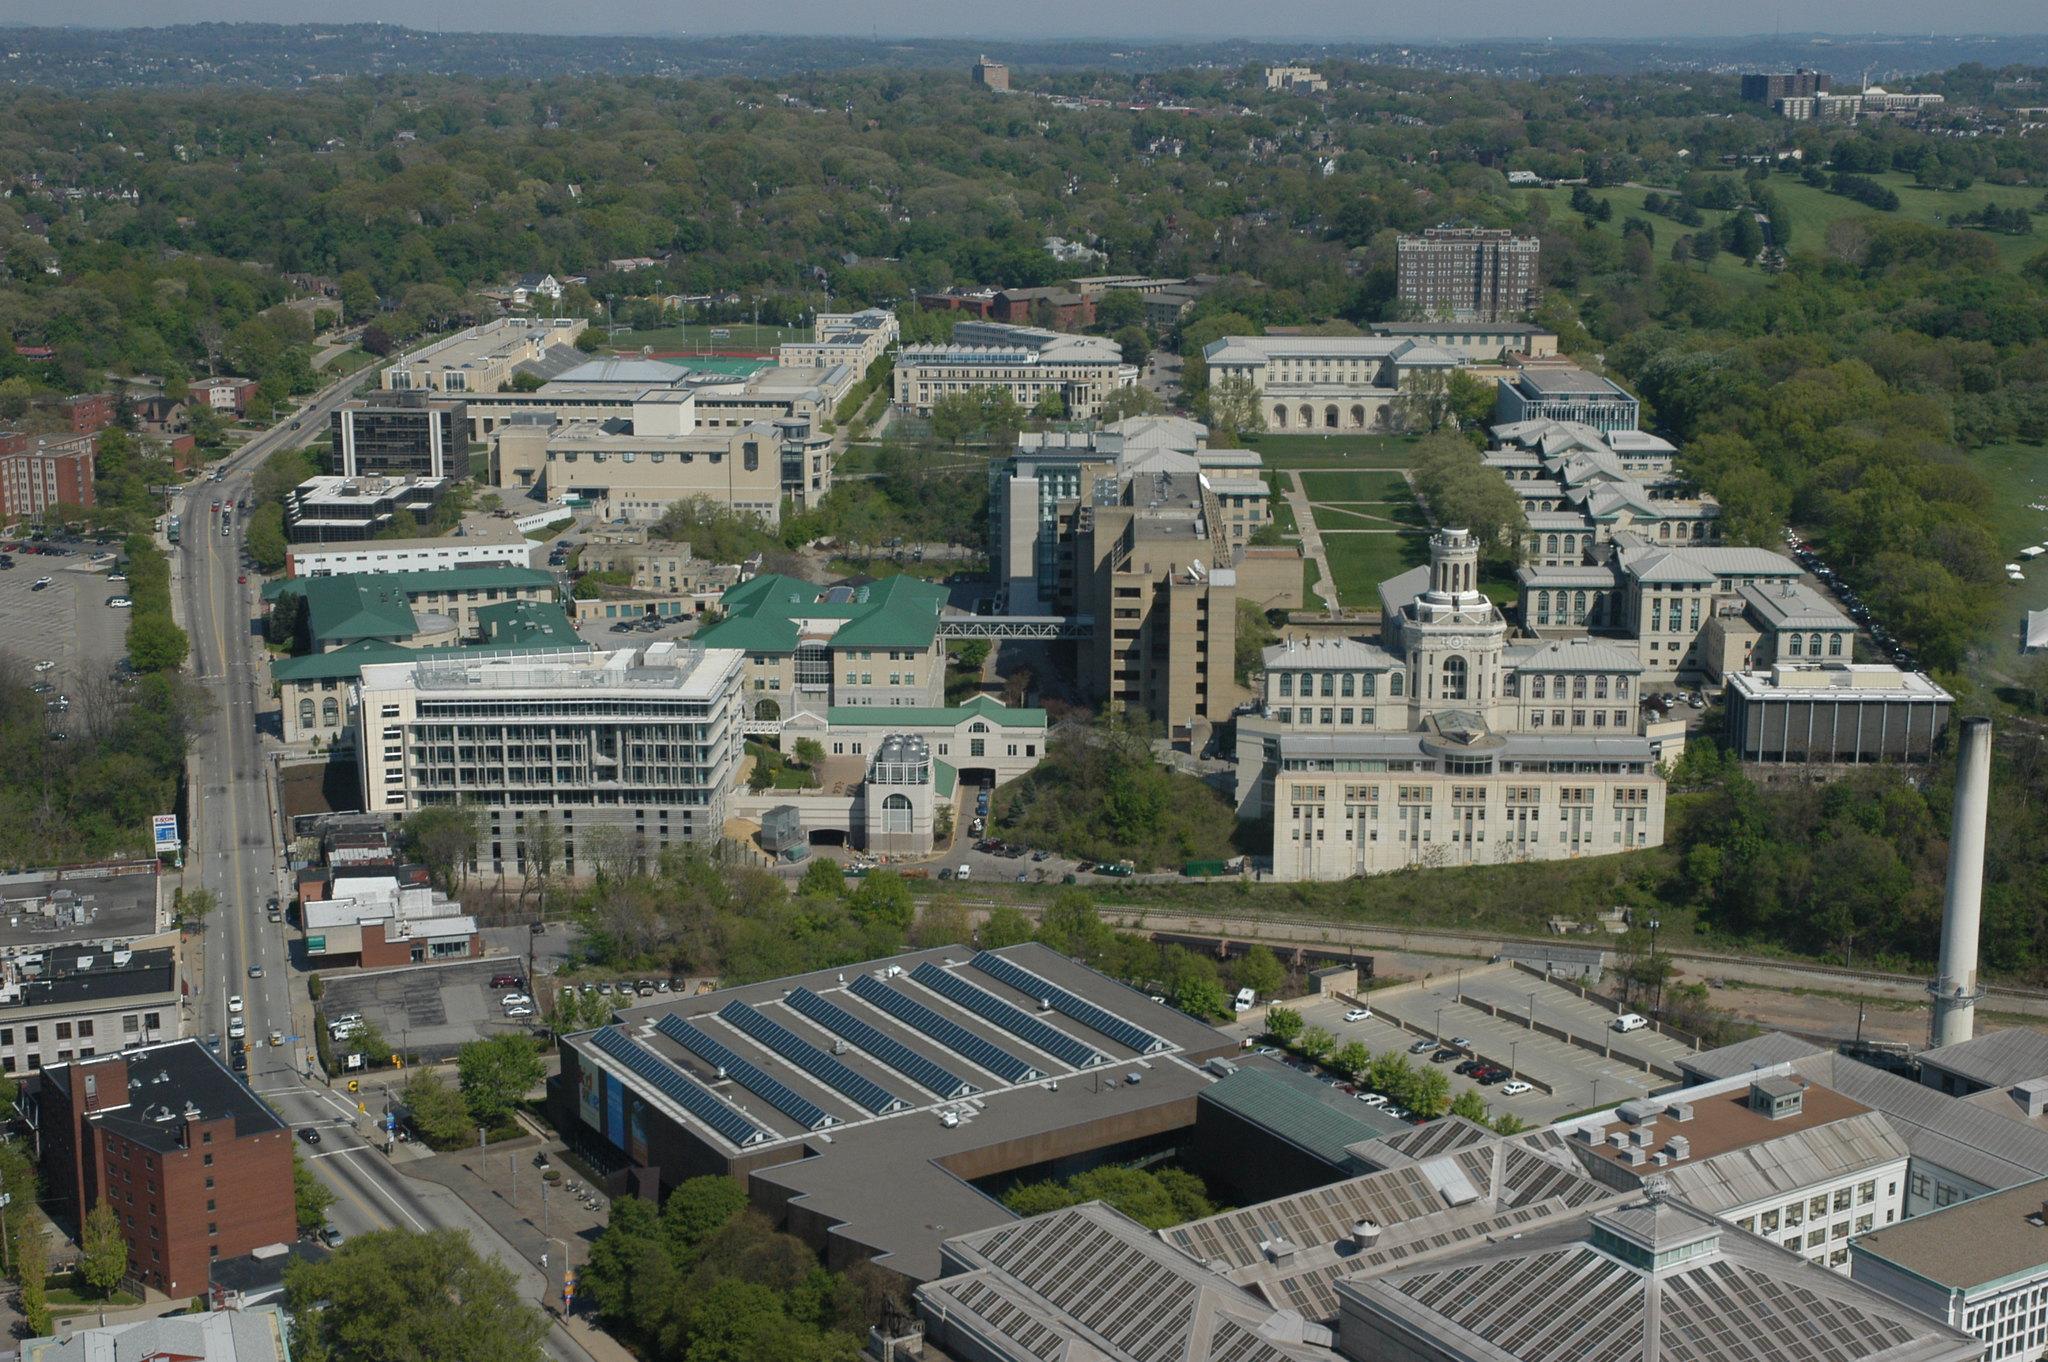 Por dentro da Universidade Carnegie Mellon